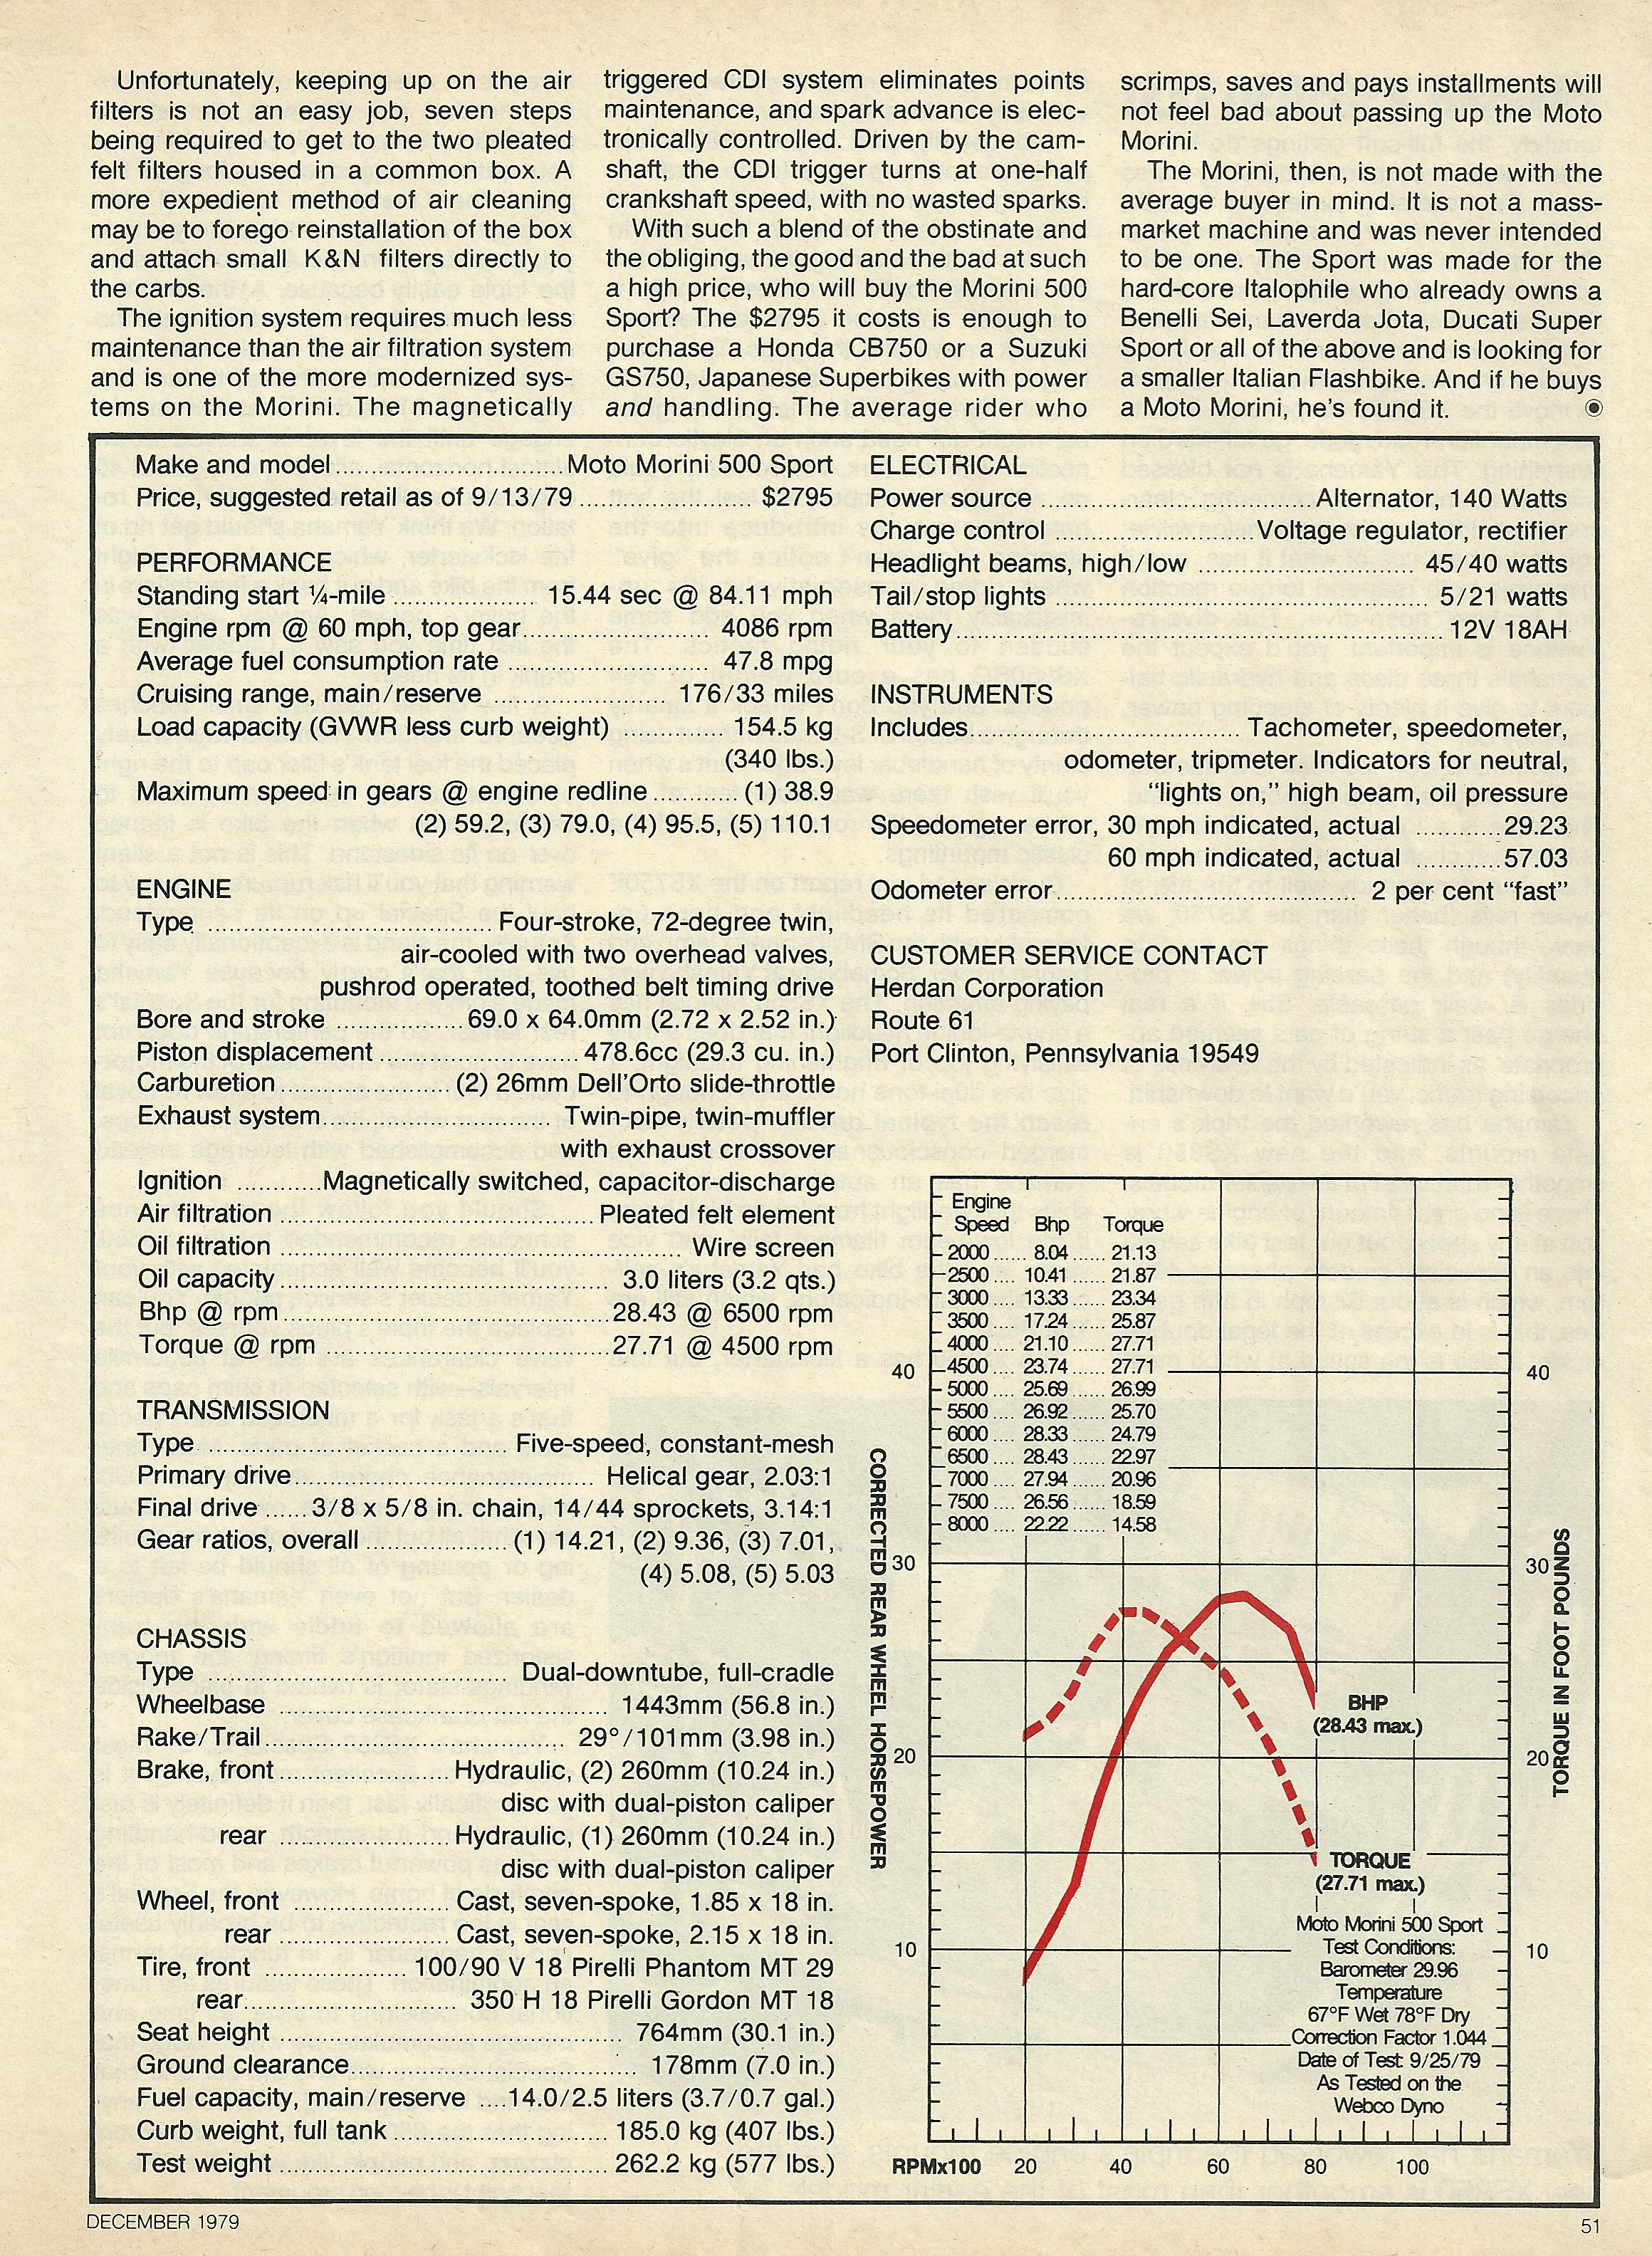 1980 Moto Morini 500 Sport road test 6.JPG